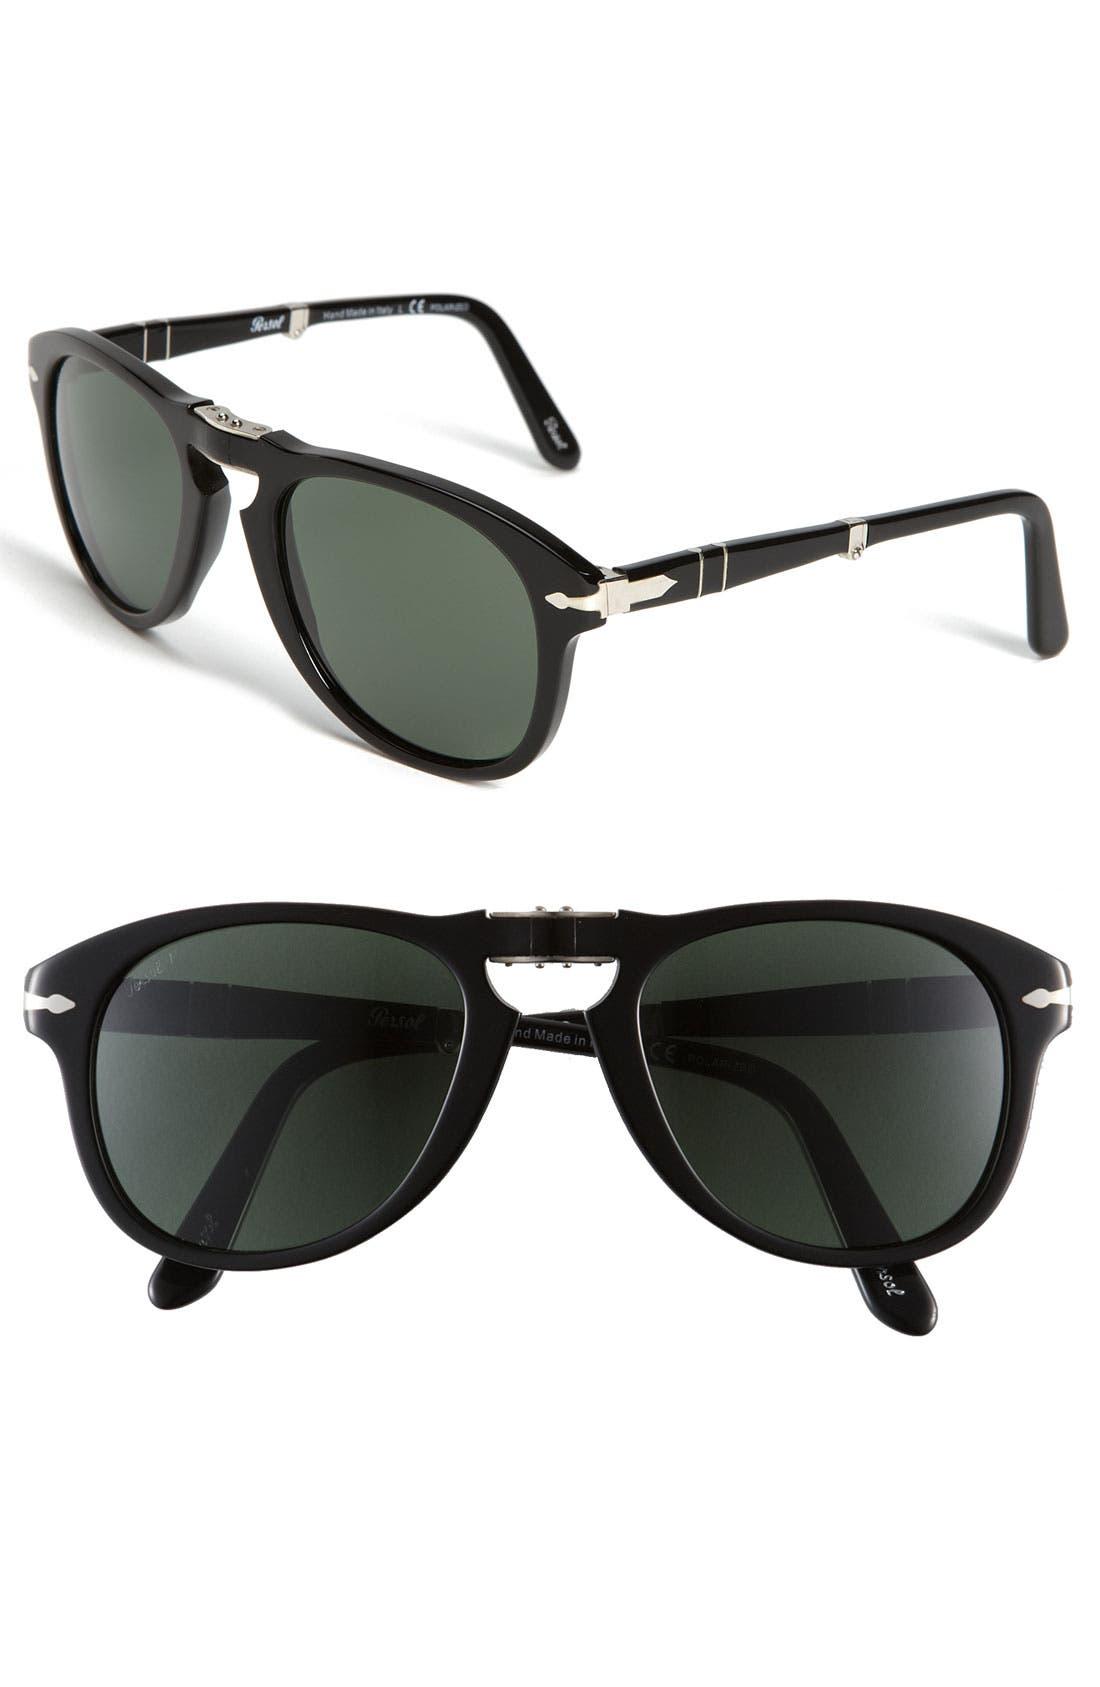 Main Image - Persol Folding Polarized Keyhole Sunglasses